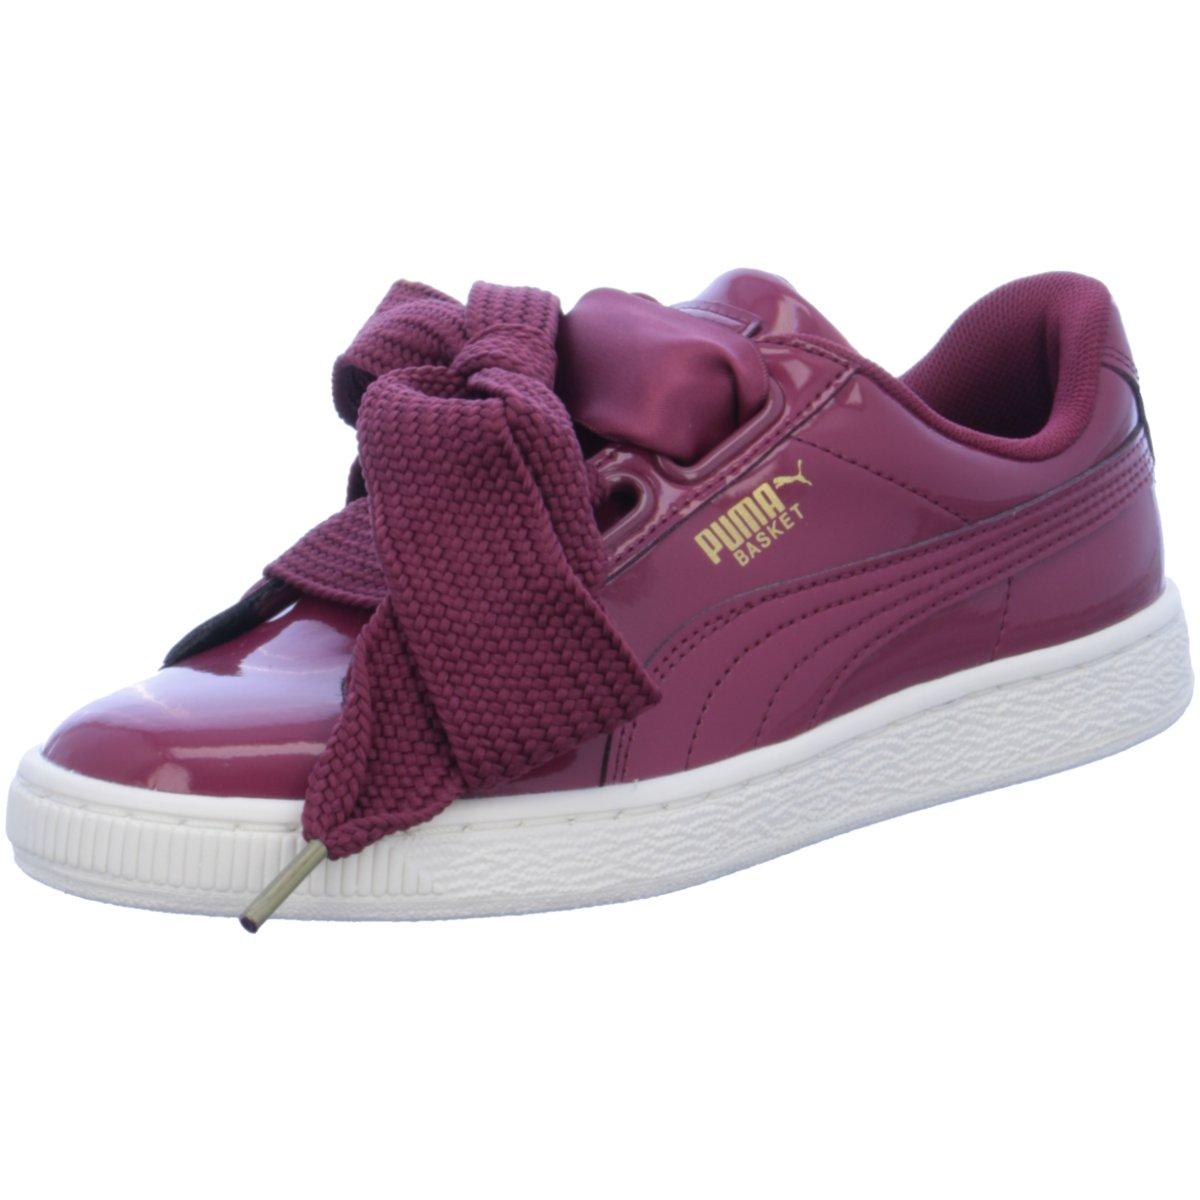 #S2K Puma Damen Sneaker Basket Heart Patent Sneaker Damen Schuhe rot  363073-005 | eBay